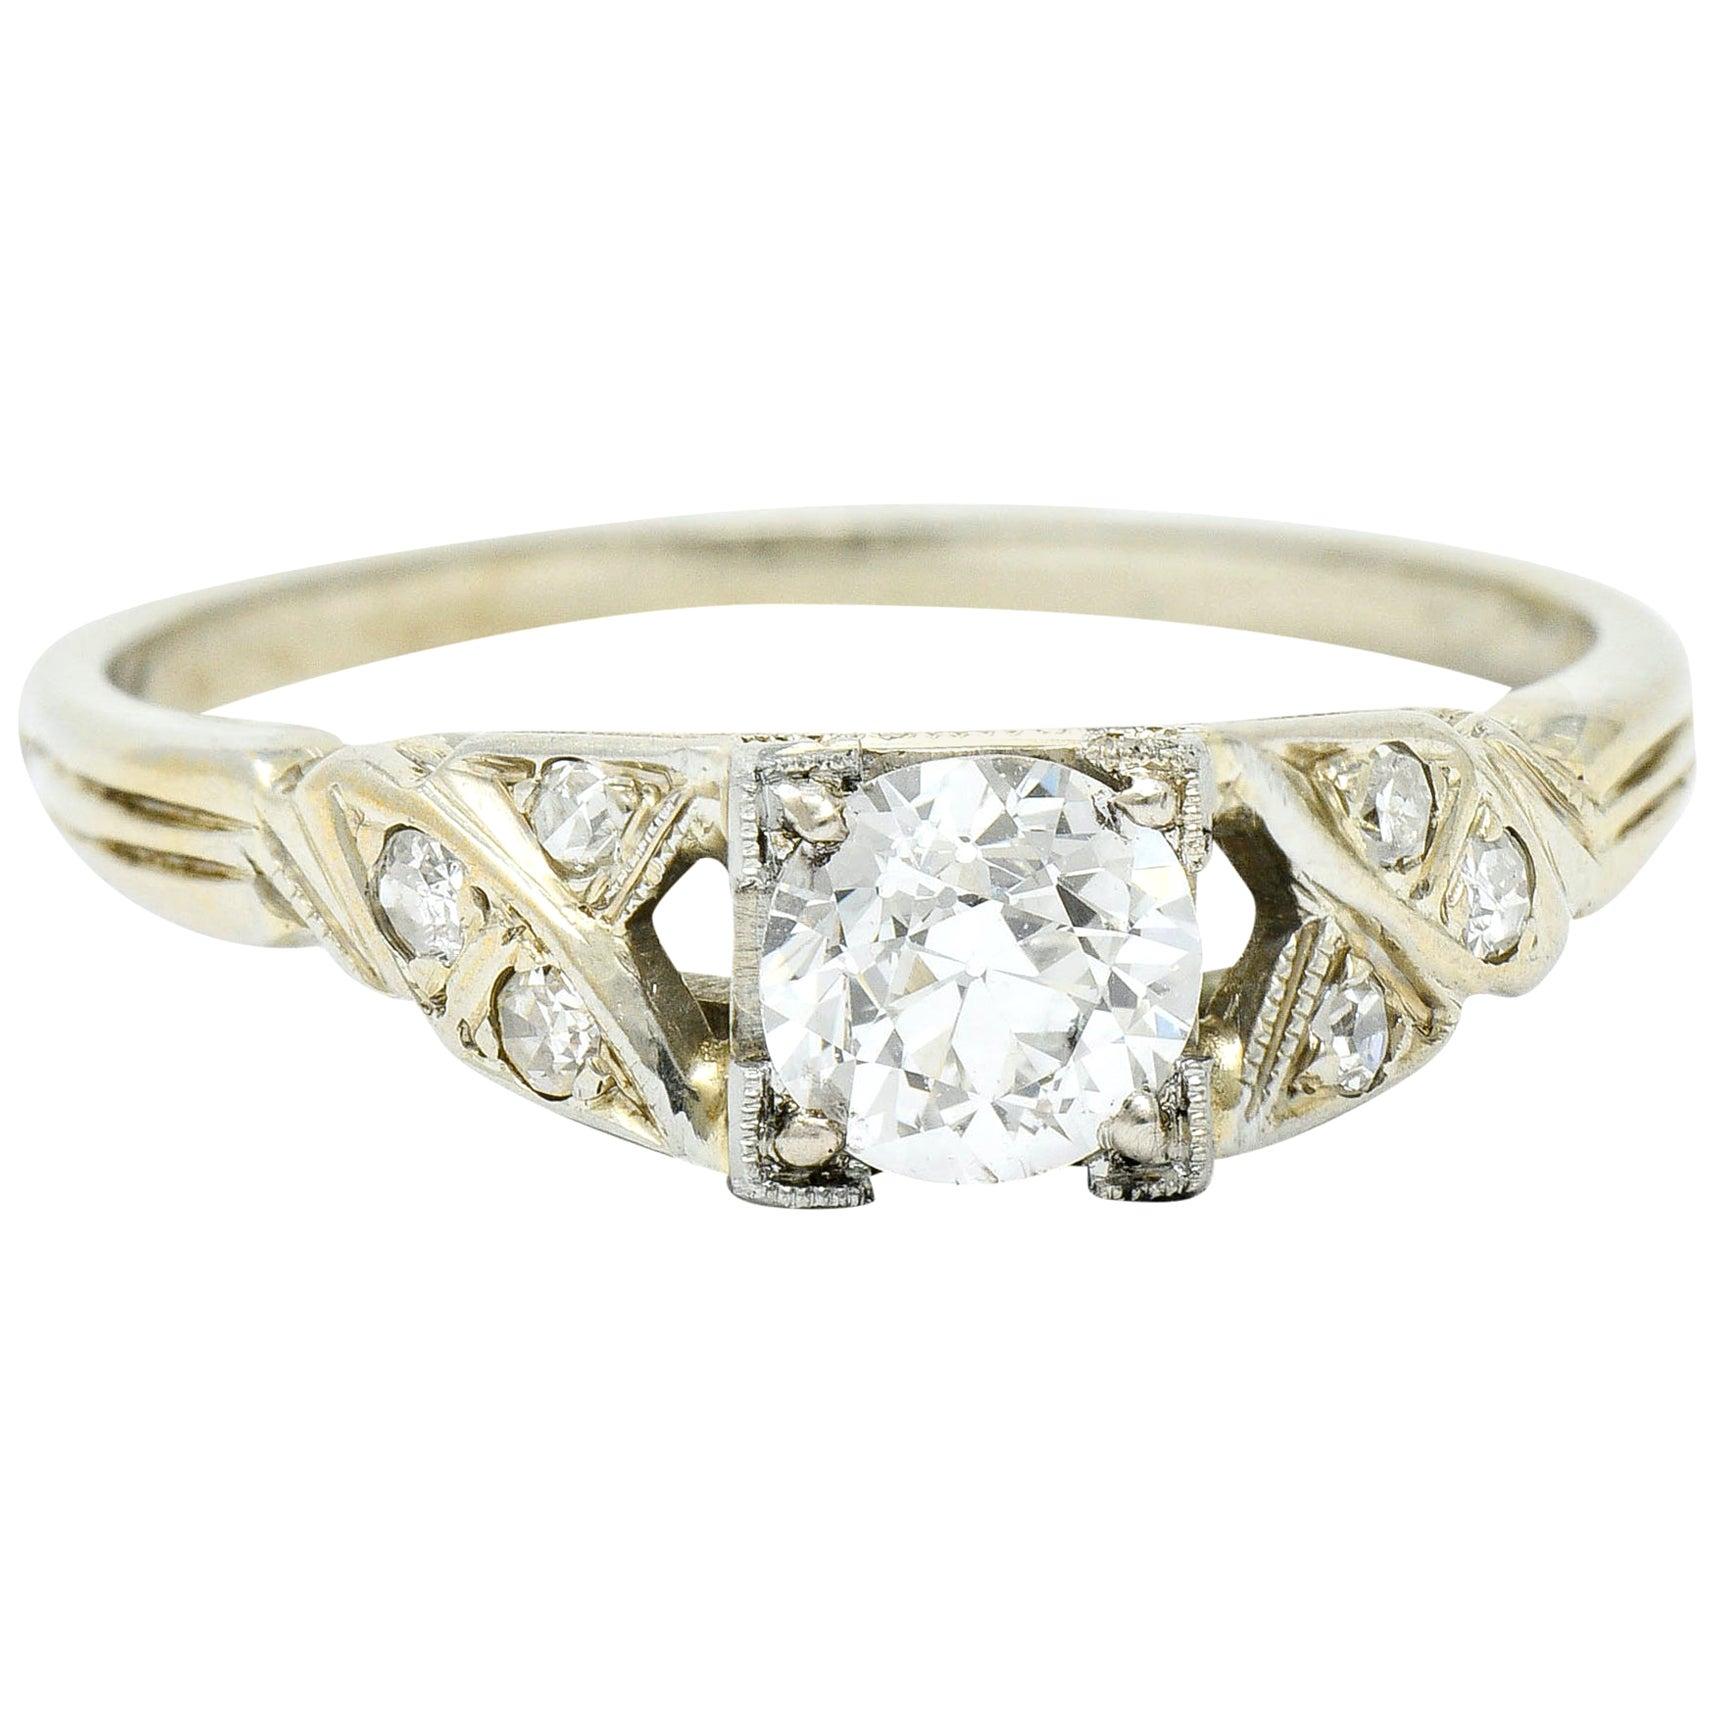 Retro 0.54 Carat Diamond 18 Karat White Gold Engagement Ring